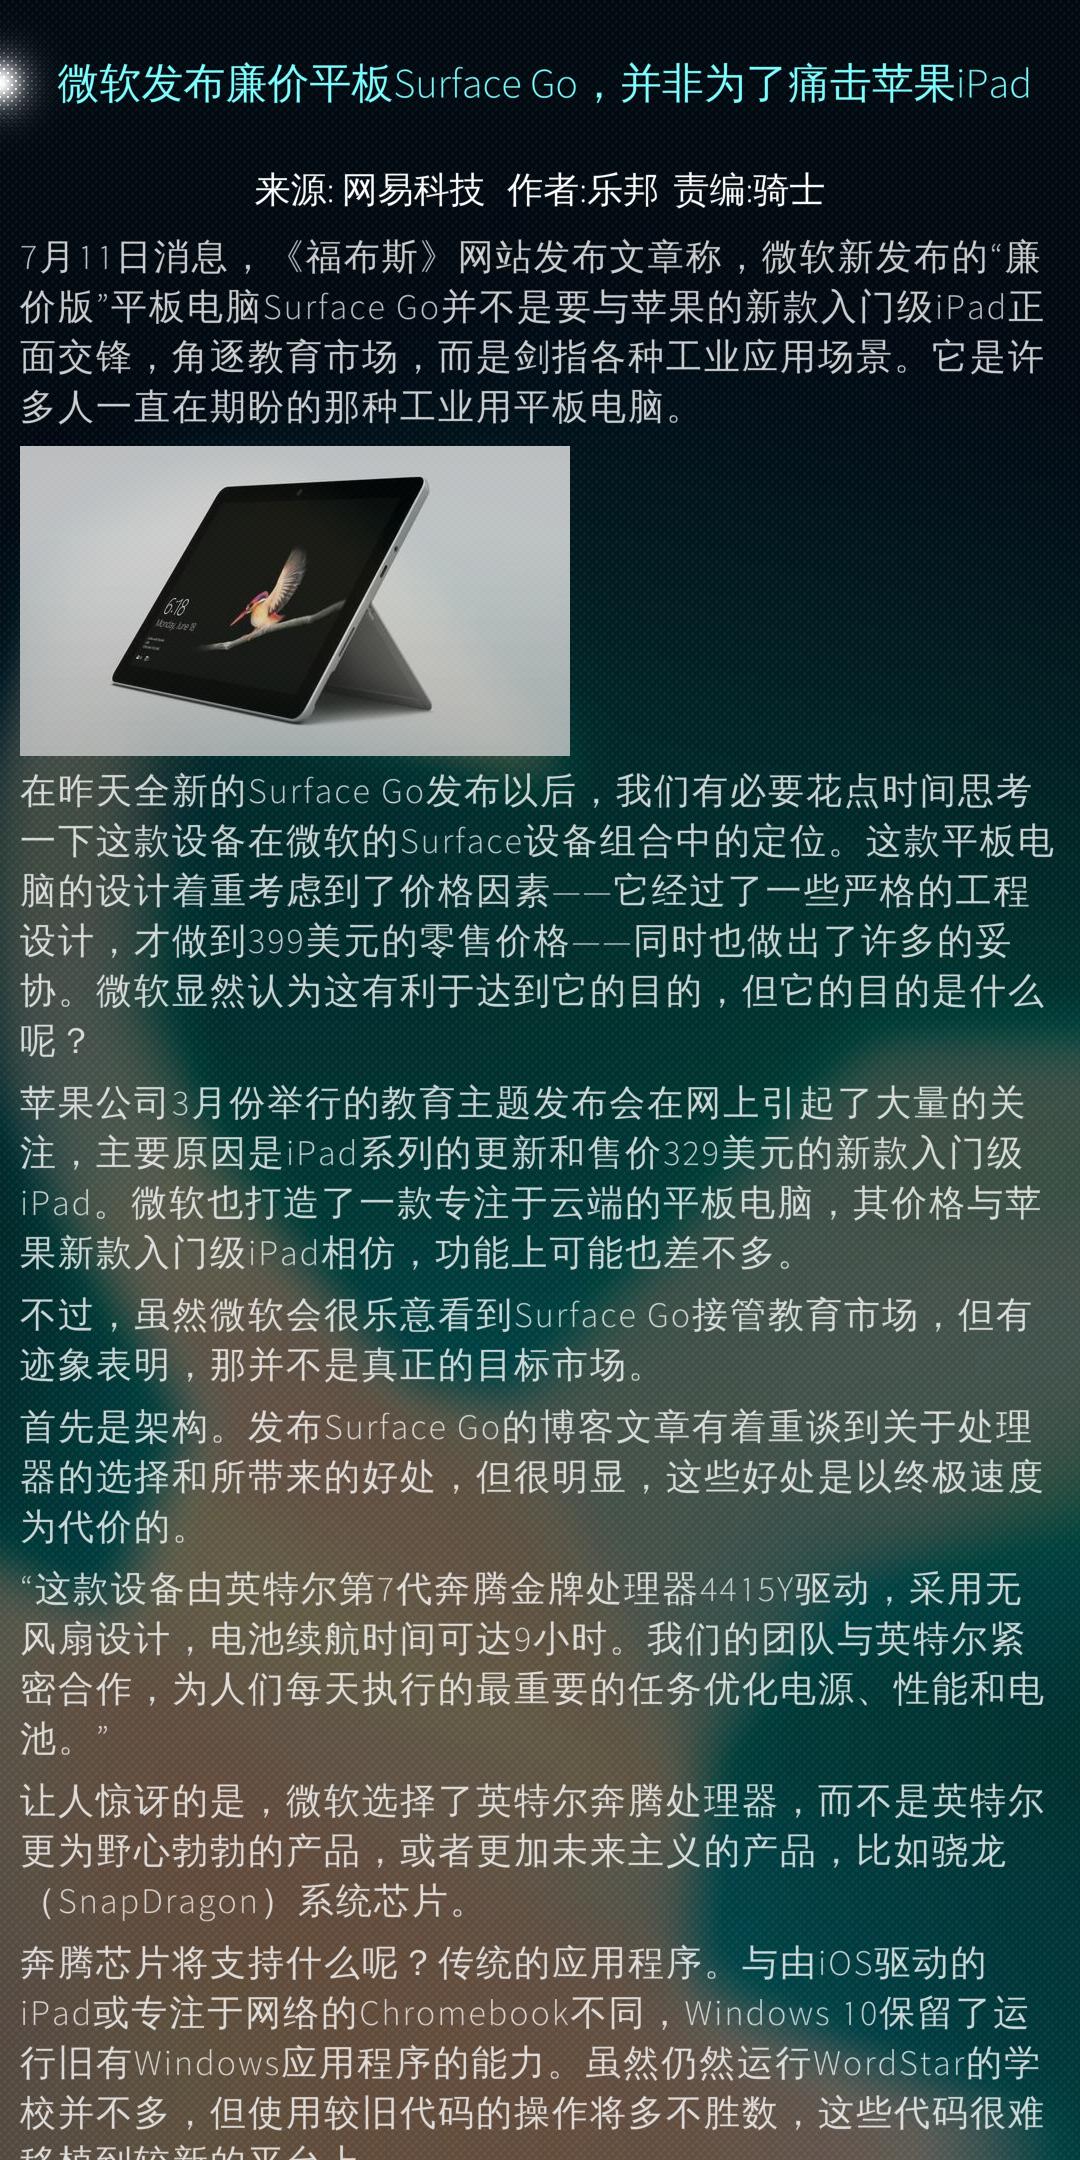 屏幕截图 20180711 002